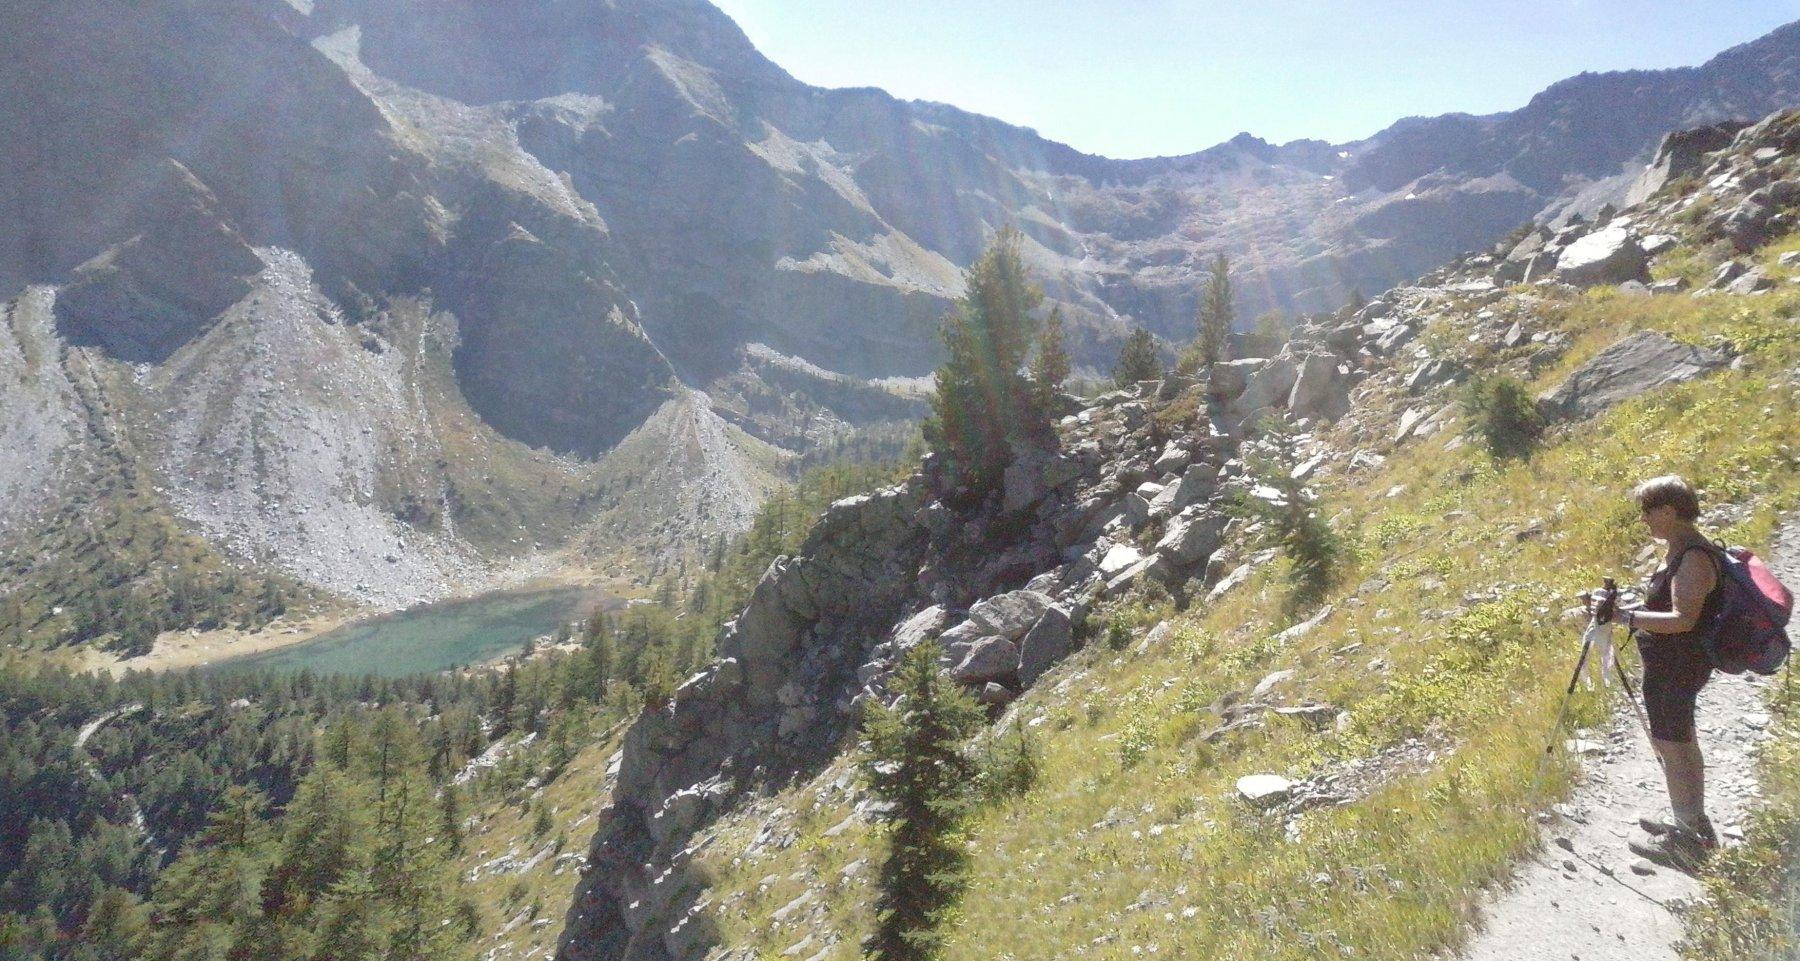 salendo al colle della Croce,vista sul lago  di Arpy ...